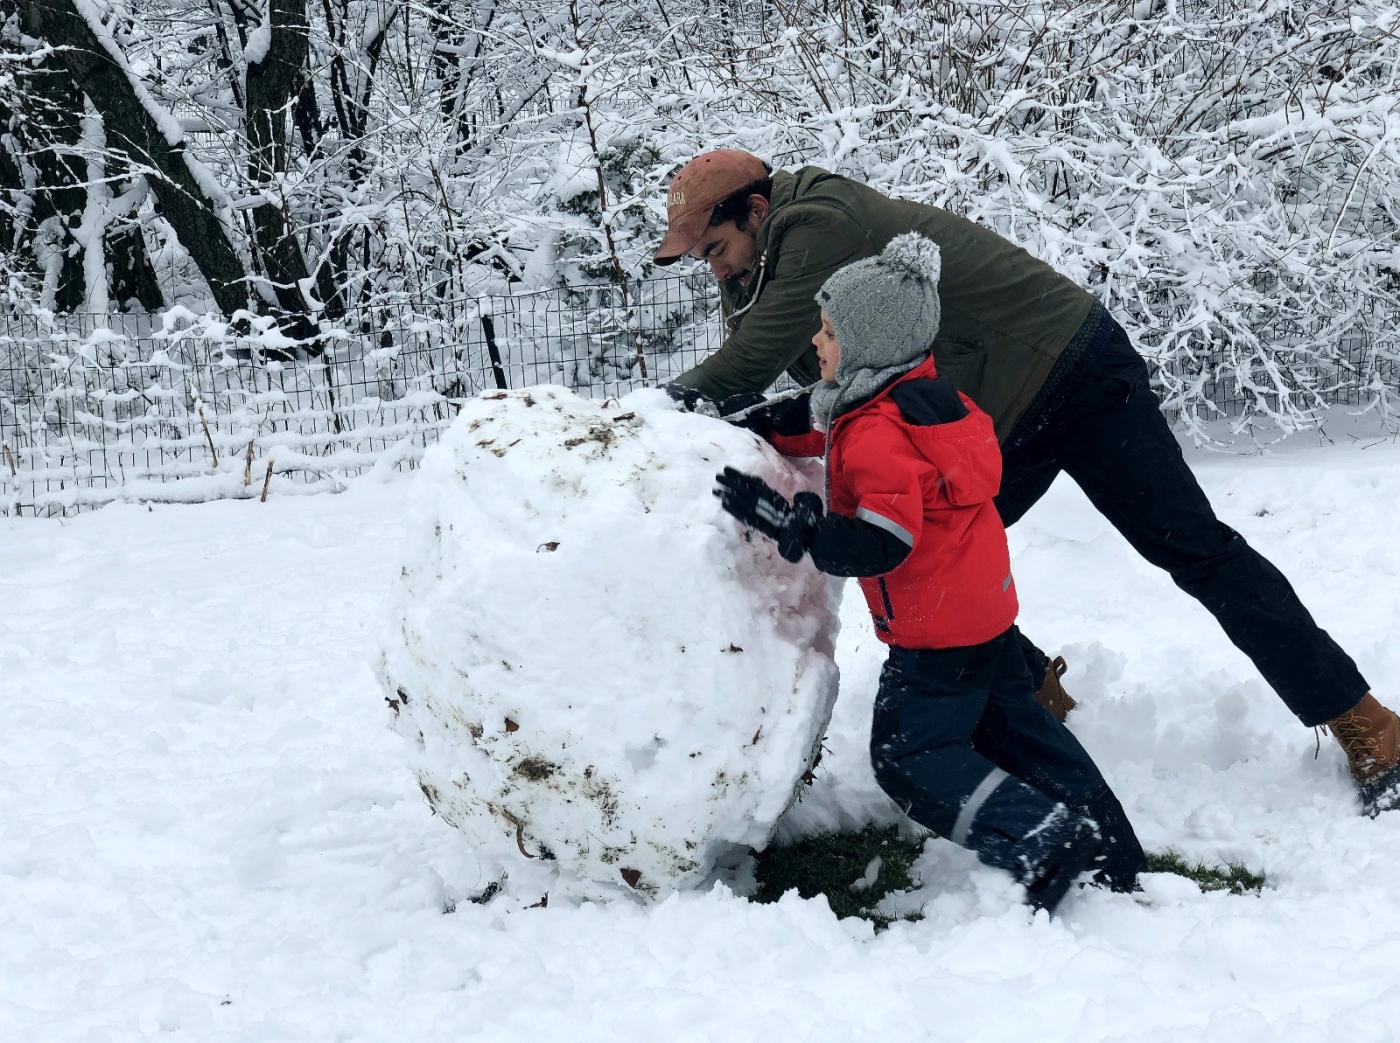 【田螺手机摄影】在纽约市拍雪景、还是中央公园最漂亮_图1-18